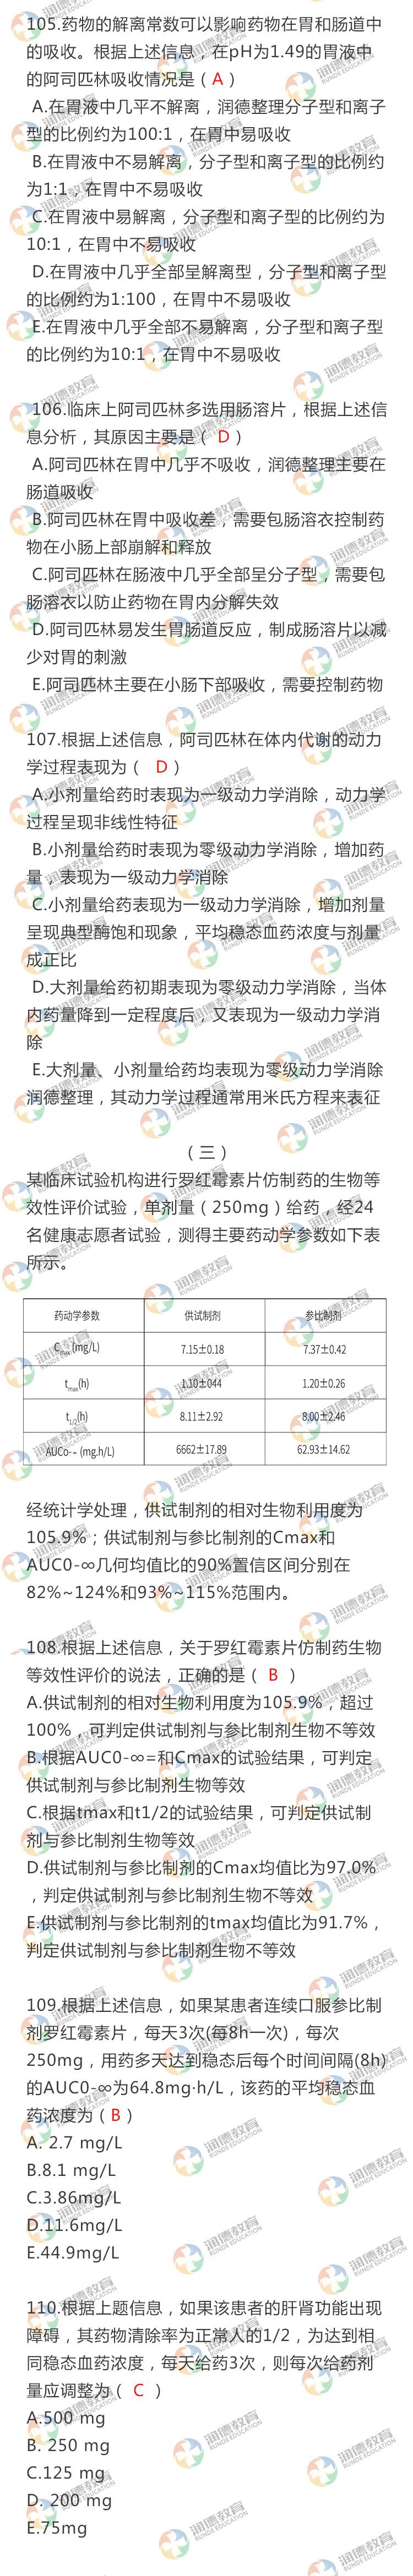 执业药师资格考试西药一101-110.jpg